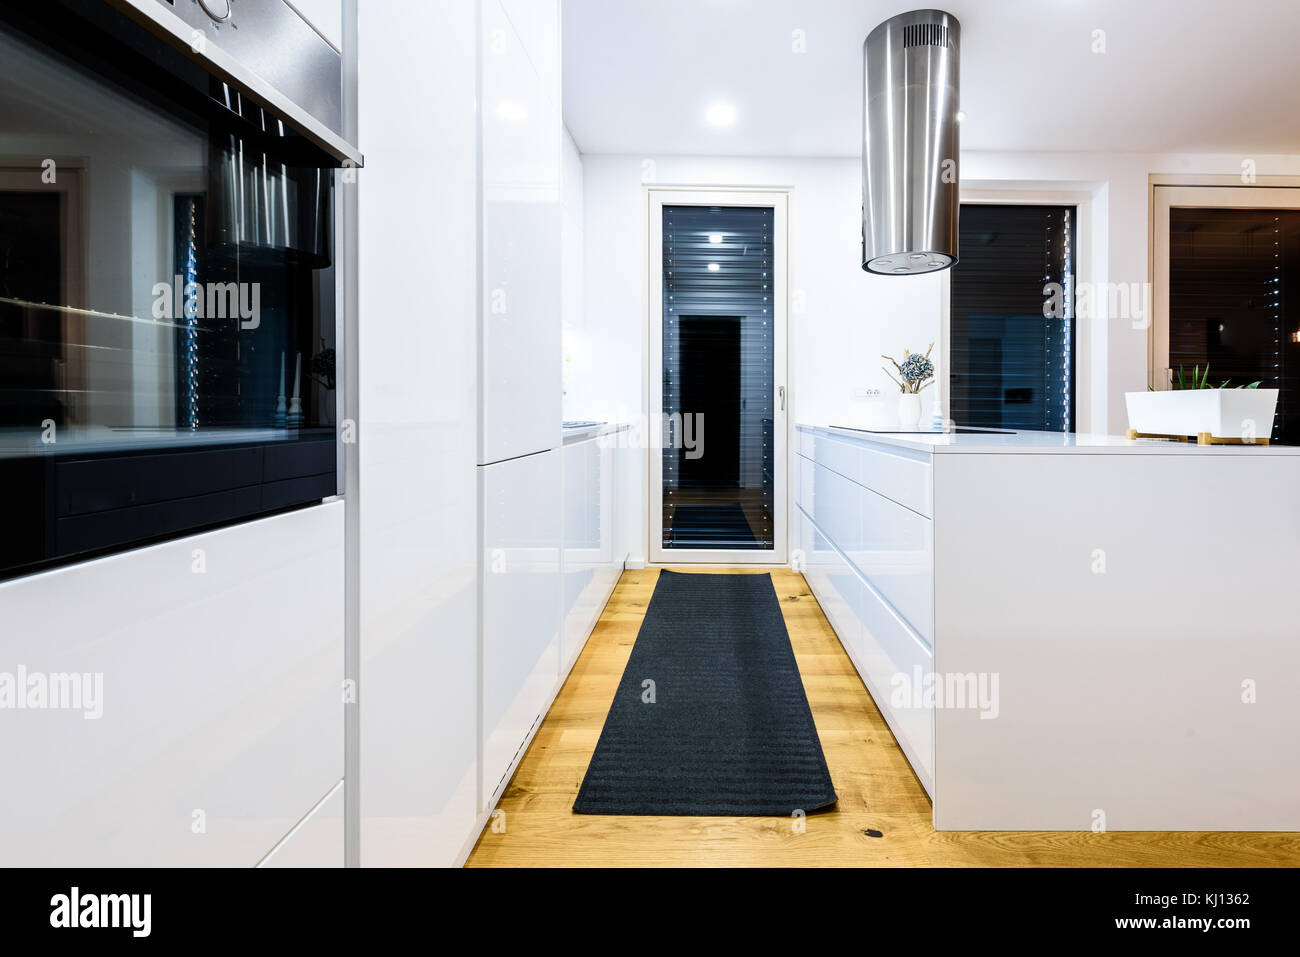 interior design neue moderne weisse kuche mit kuchengeraten luxus wohn kuche mit spule herd cerankochfeld und weissen holzmobeln schranke und festplatte